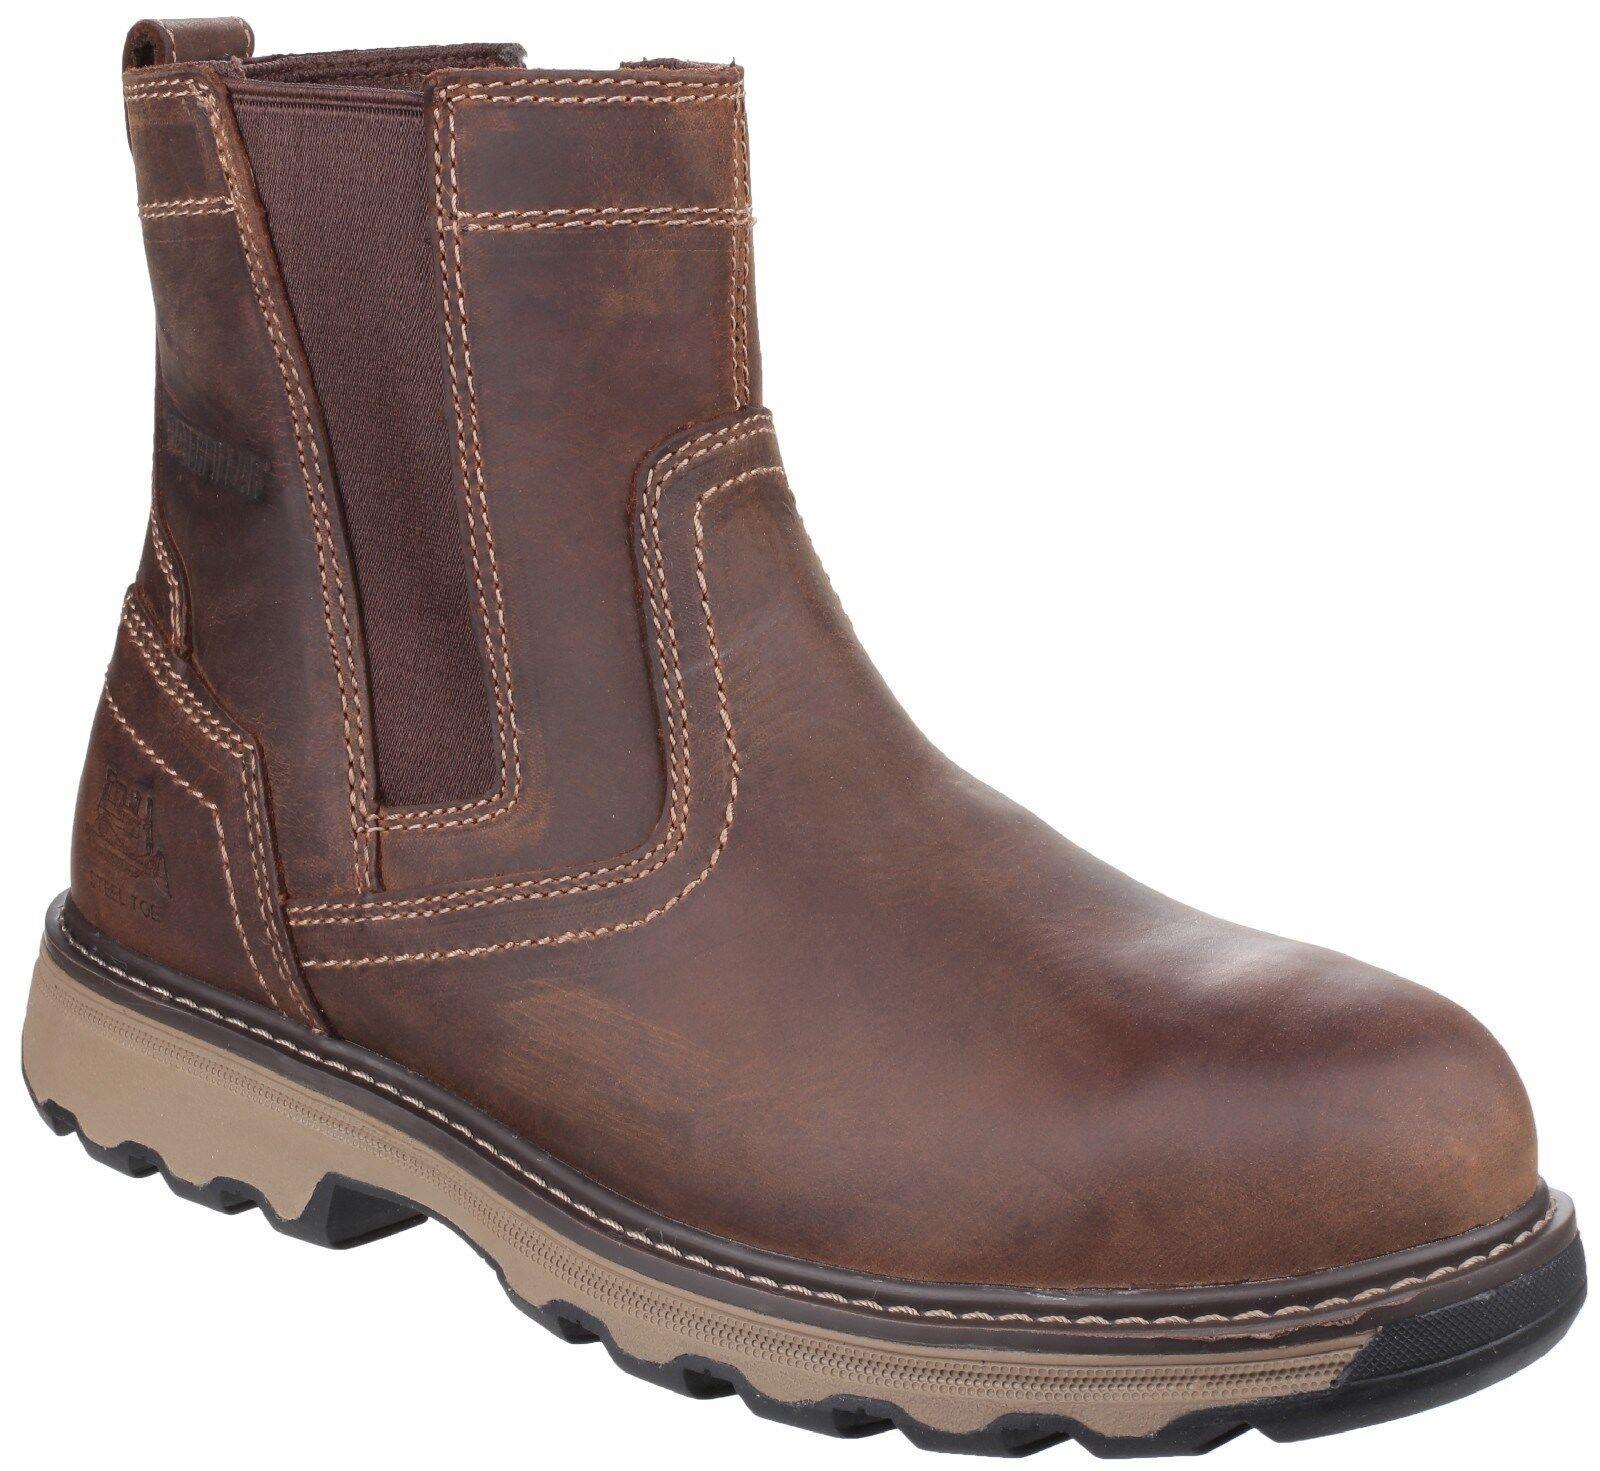 12224a1ca1e28 CAT Caterpillar Pelton Safety Dealer Boots Mens Industrial Work Shoes UK6-12